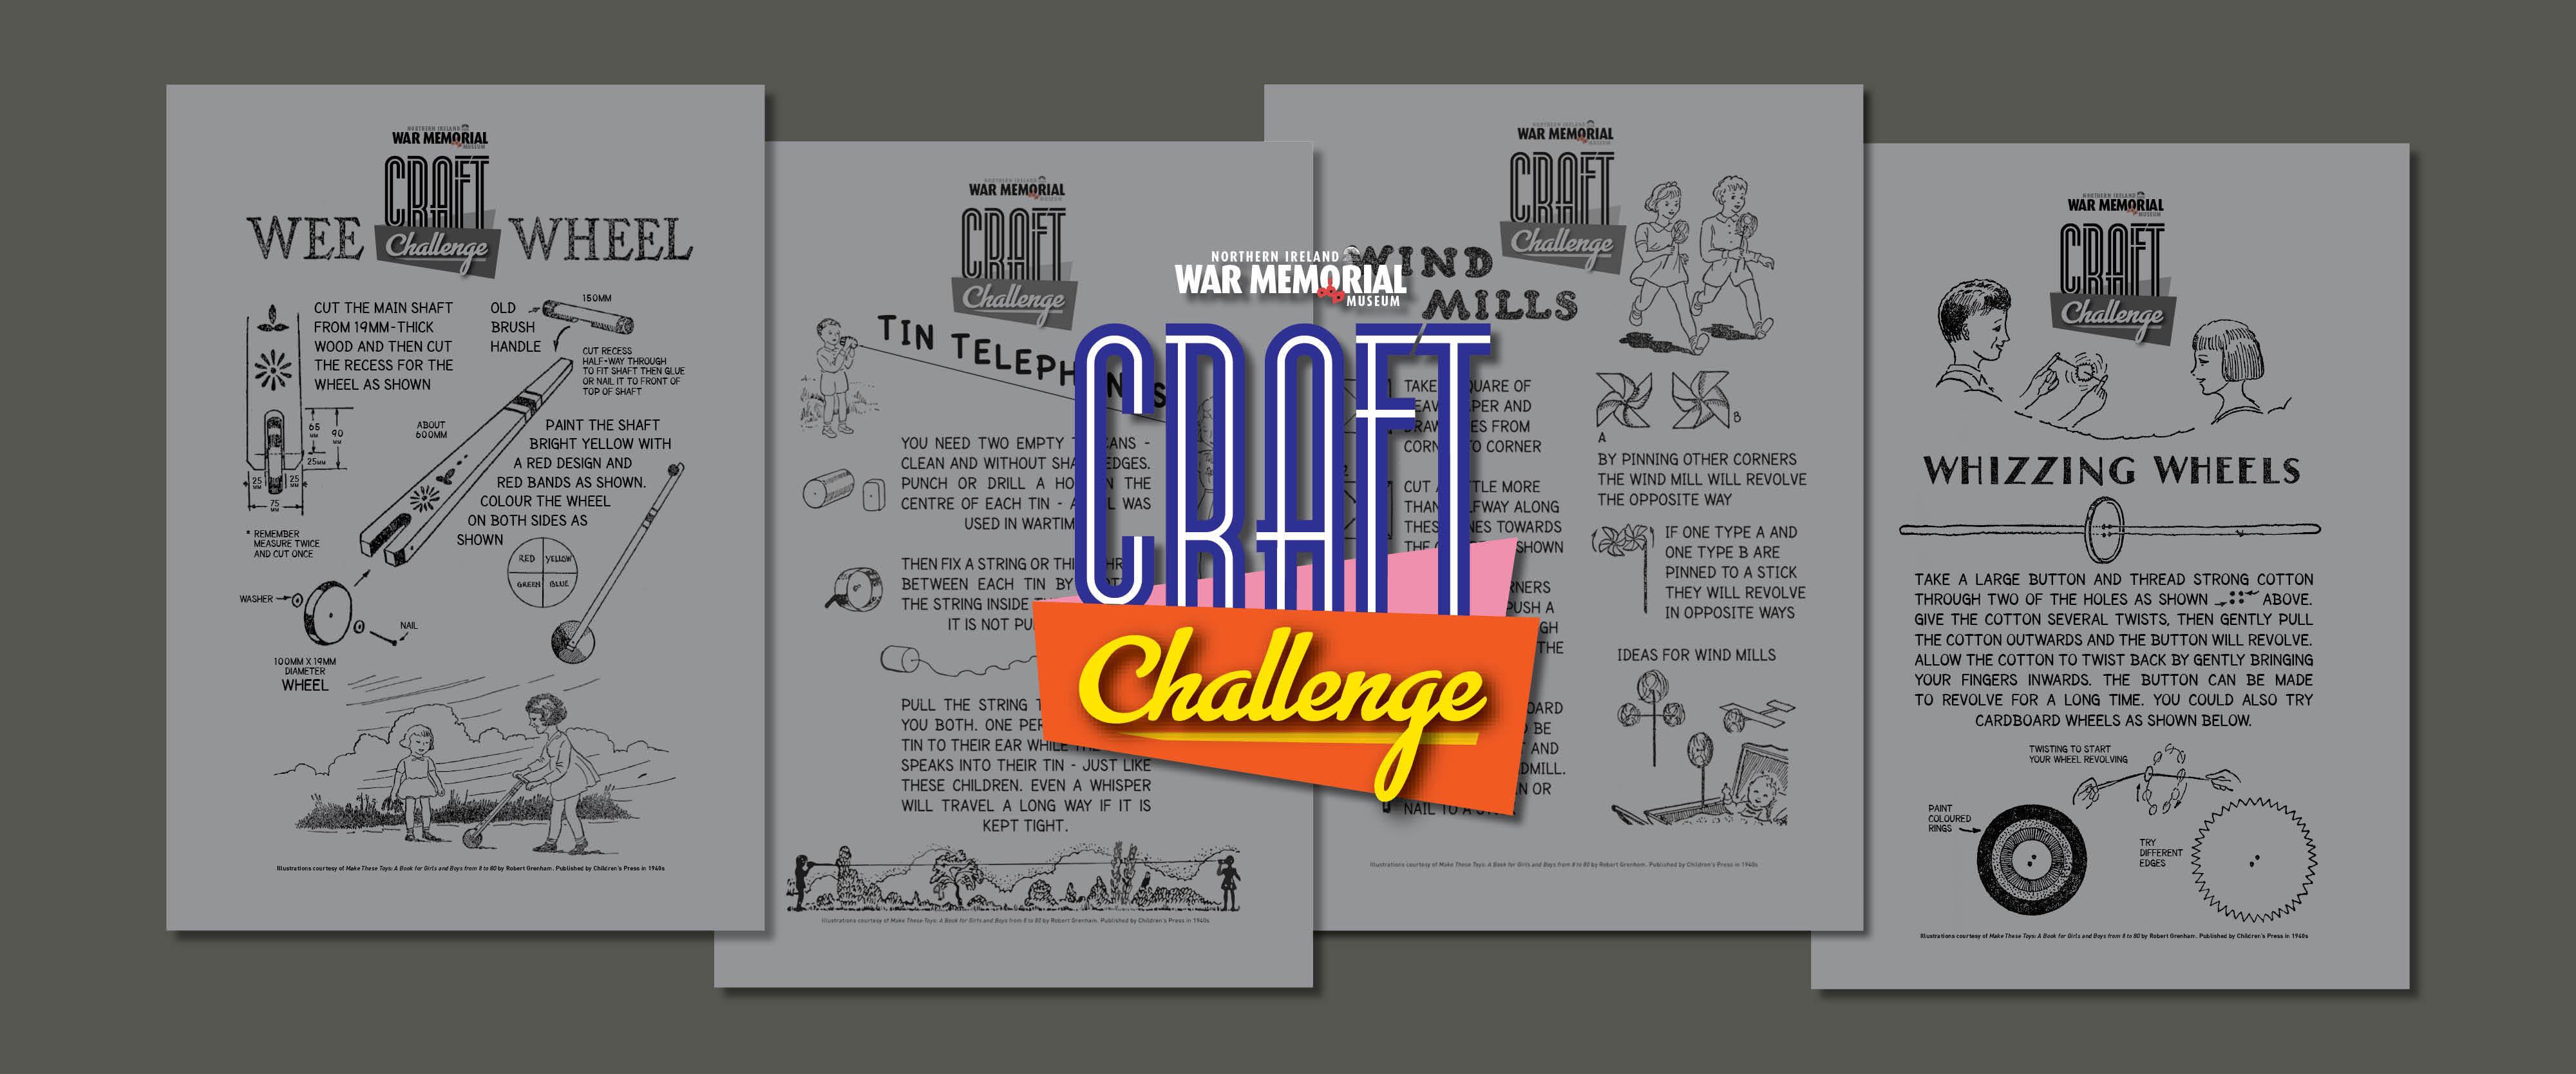 NIWM Craft Challenge